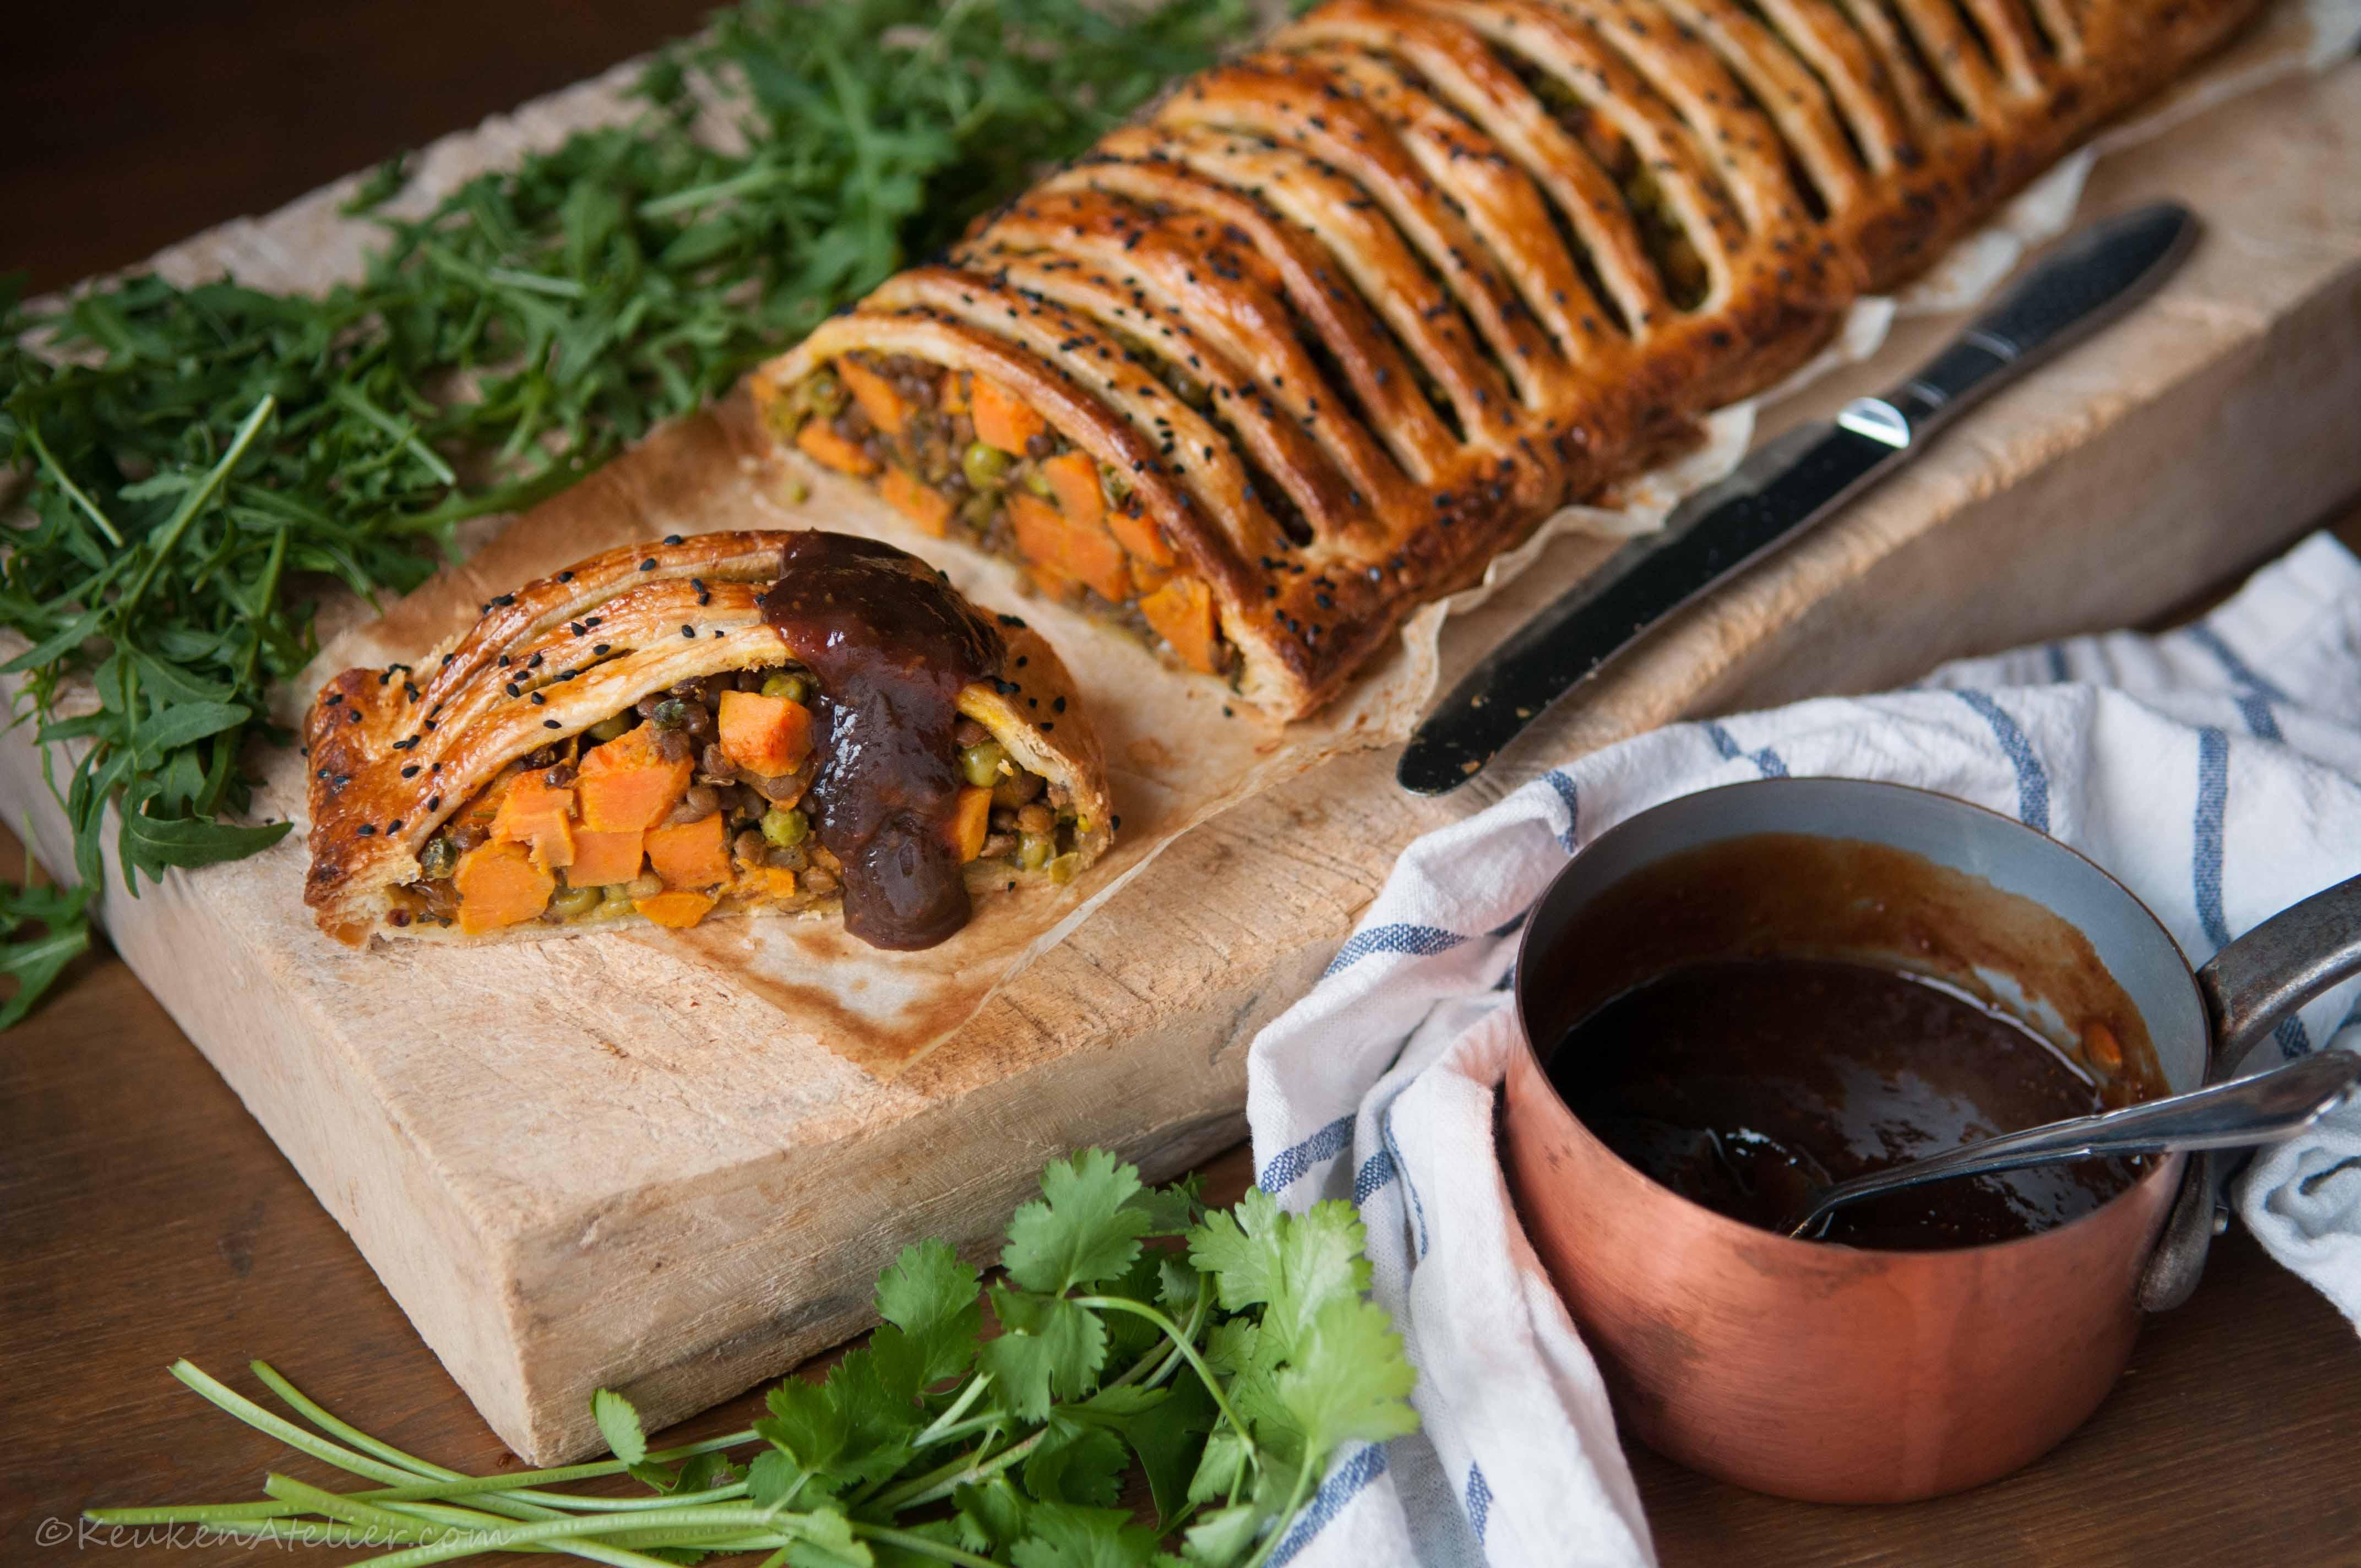 Vegetarische curry strudel met zoete aardappel en linzen 2 | KeukenAtelier.com